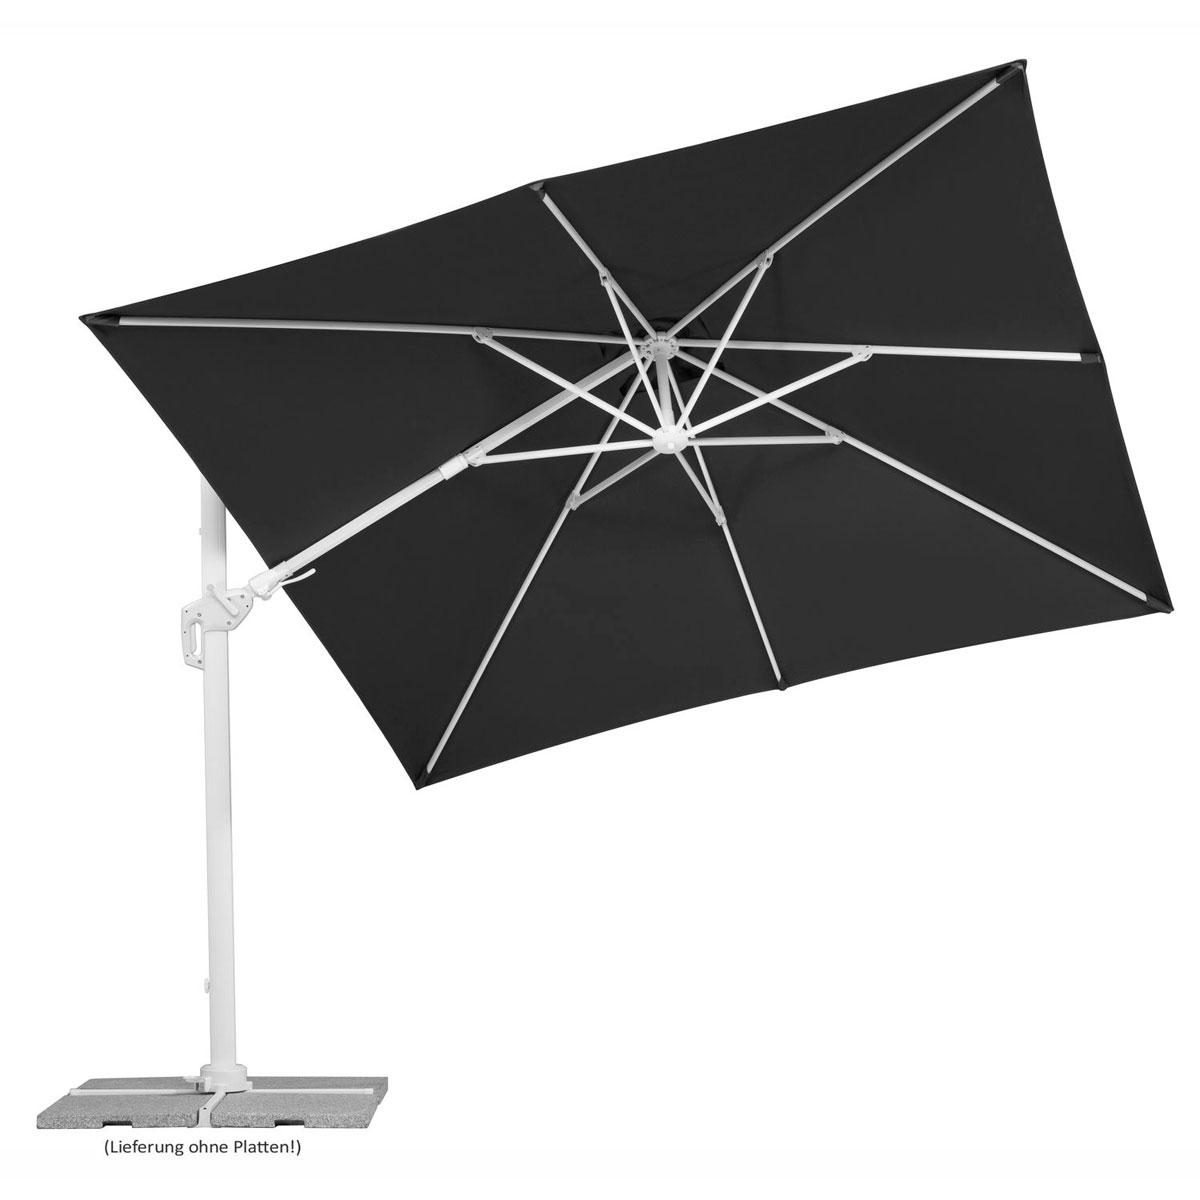 """Sonnenschirme und Sonnensegel - Sonnenschirm """"Rhodos Twist Bianco"""", 300x300 cm, anthrazit  - Onlineshop Hellweg"""